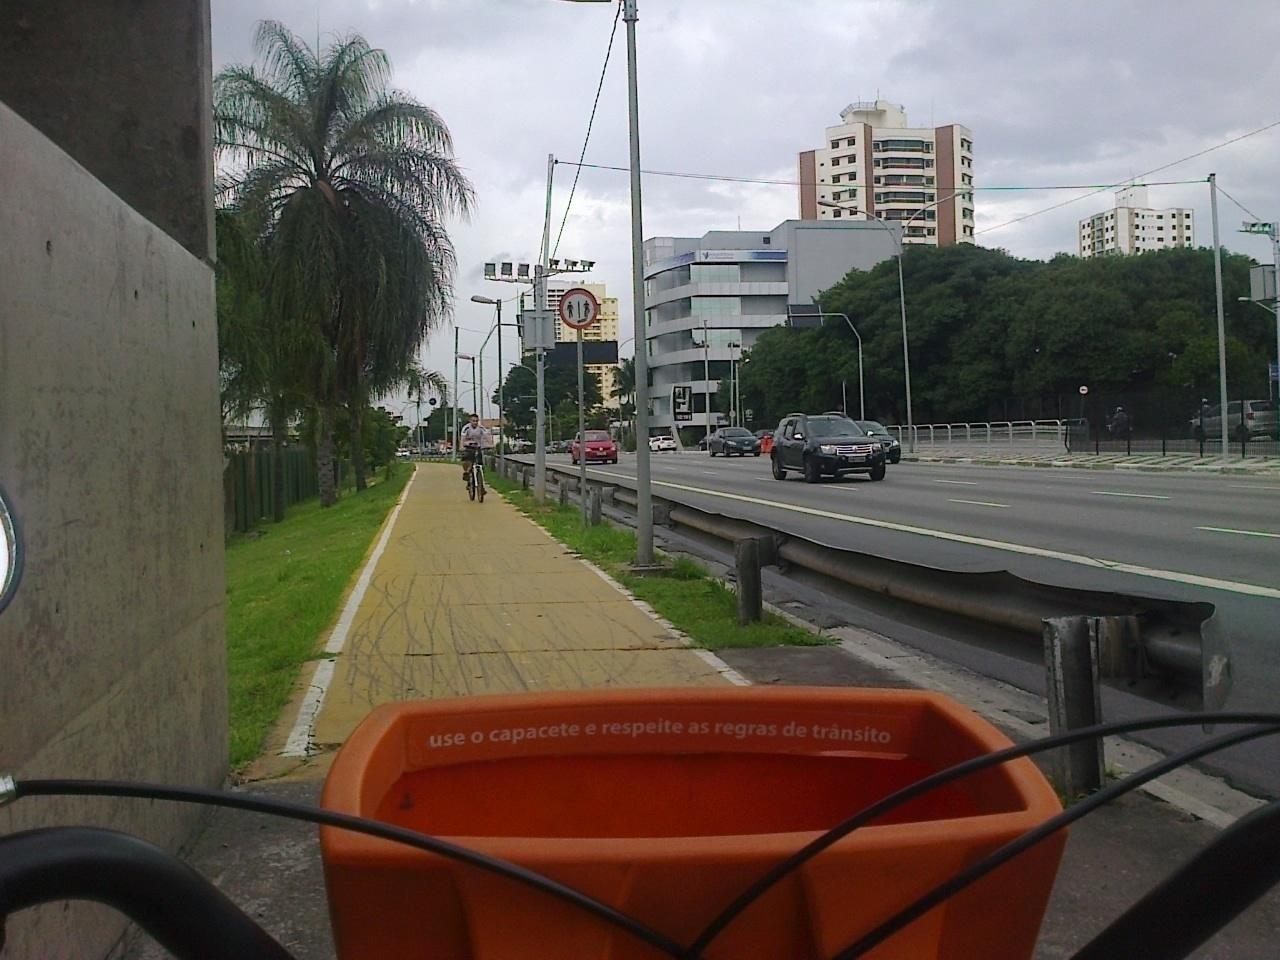 Utilizar a bicicleta pode ajudar a fugir do trânsito que fica na região nos dias de jogos